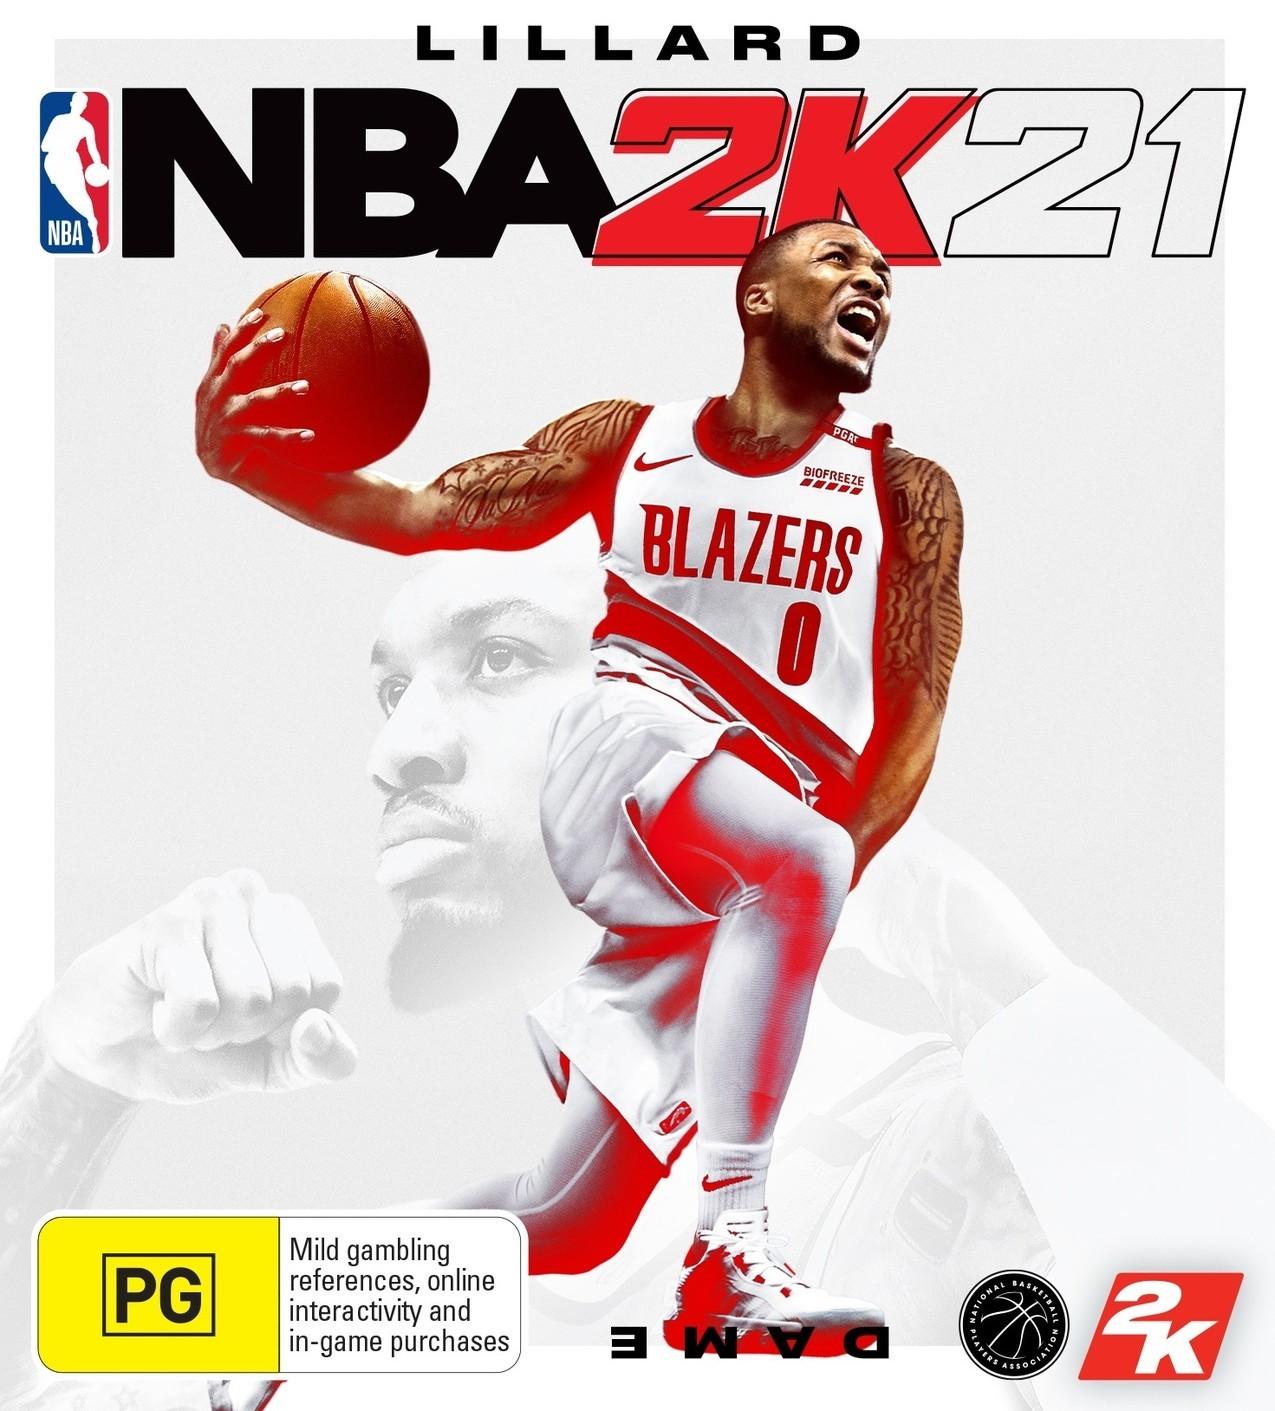 اکانت اریجینال بازی NBA 2K21 | با ایمیل اکانت